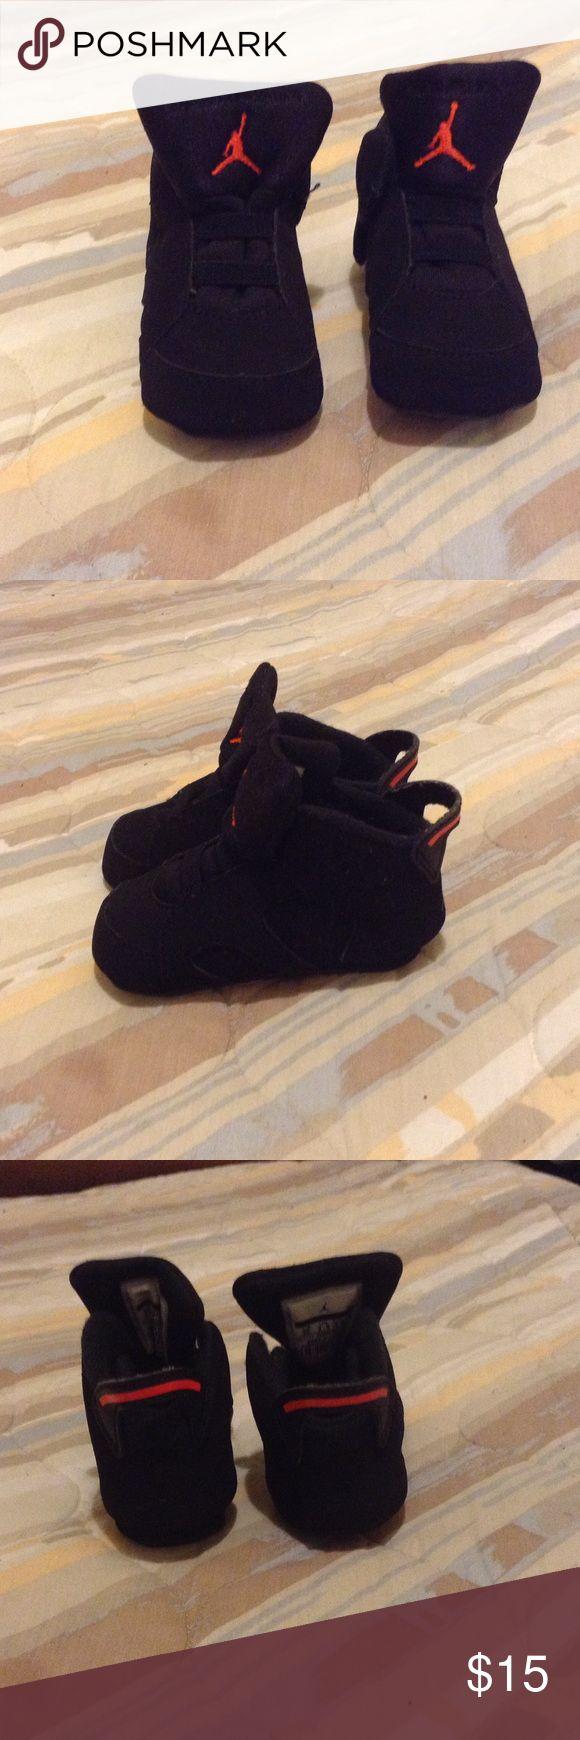 Crib jordans for sale - Air Jordan Retro 6